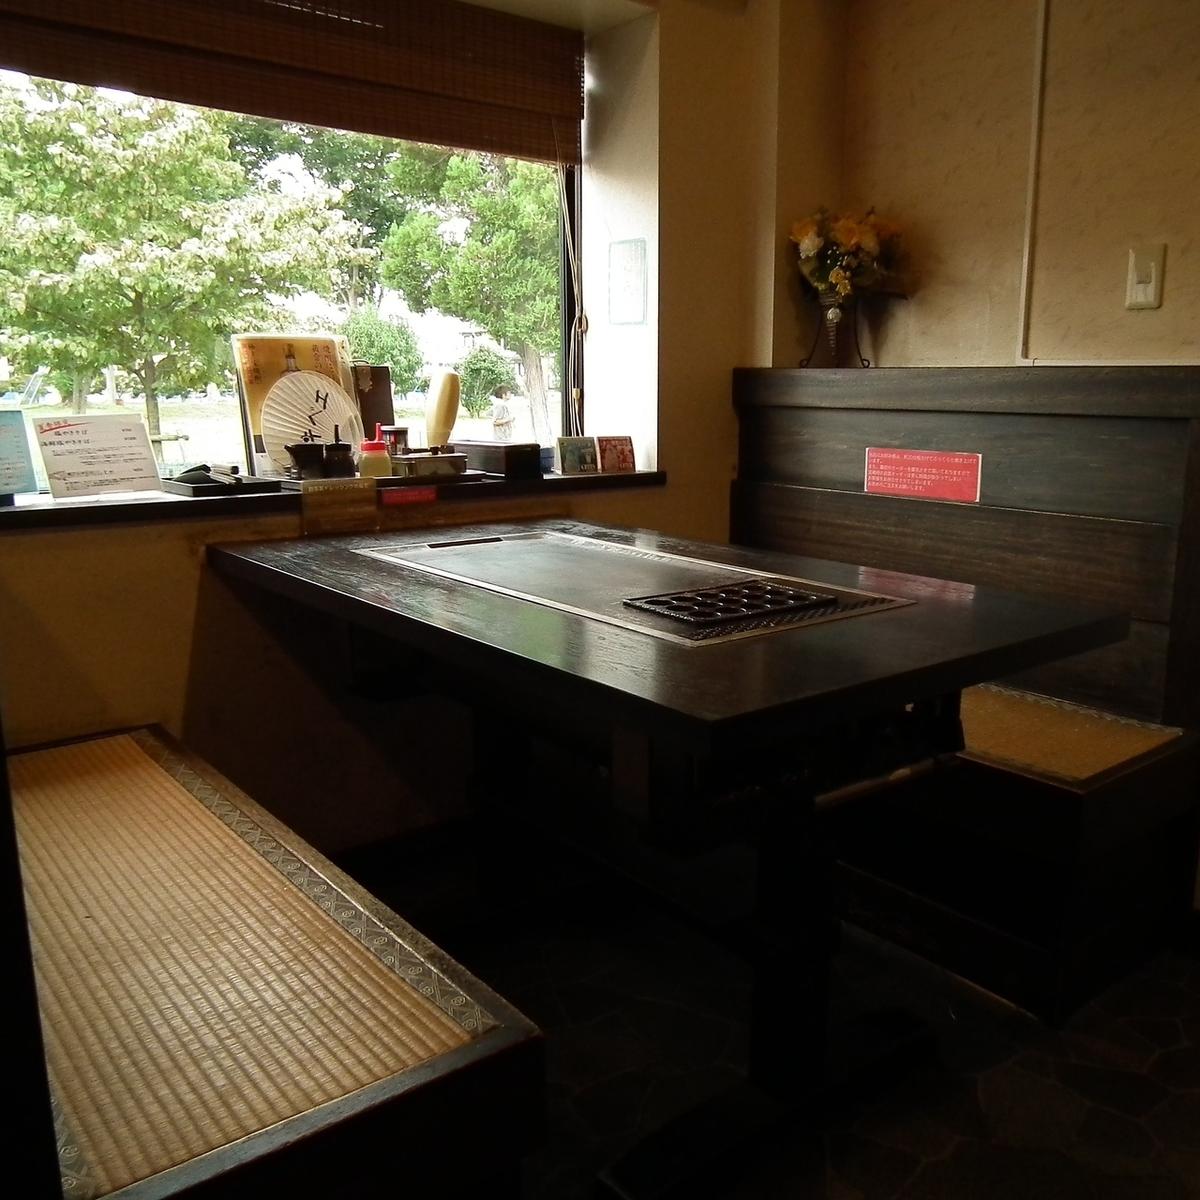 창가의 테이블 석.천천히 식사를 즐길 수 있습니다